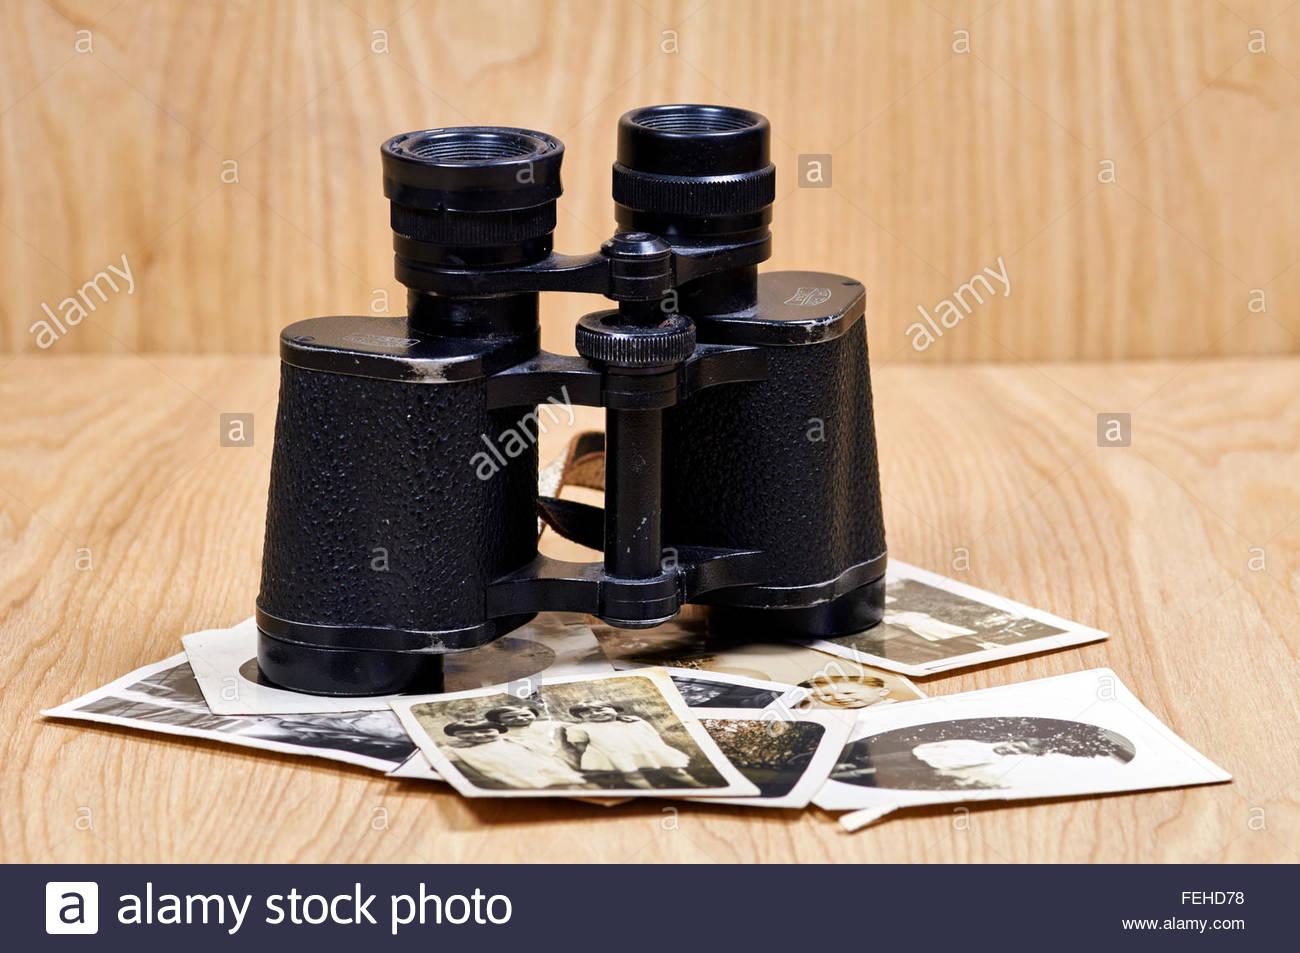 Koppeln von alten carl zeiss ferngläser und fotografien stockfoto